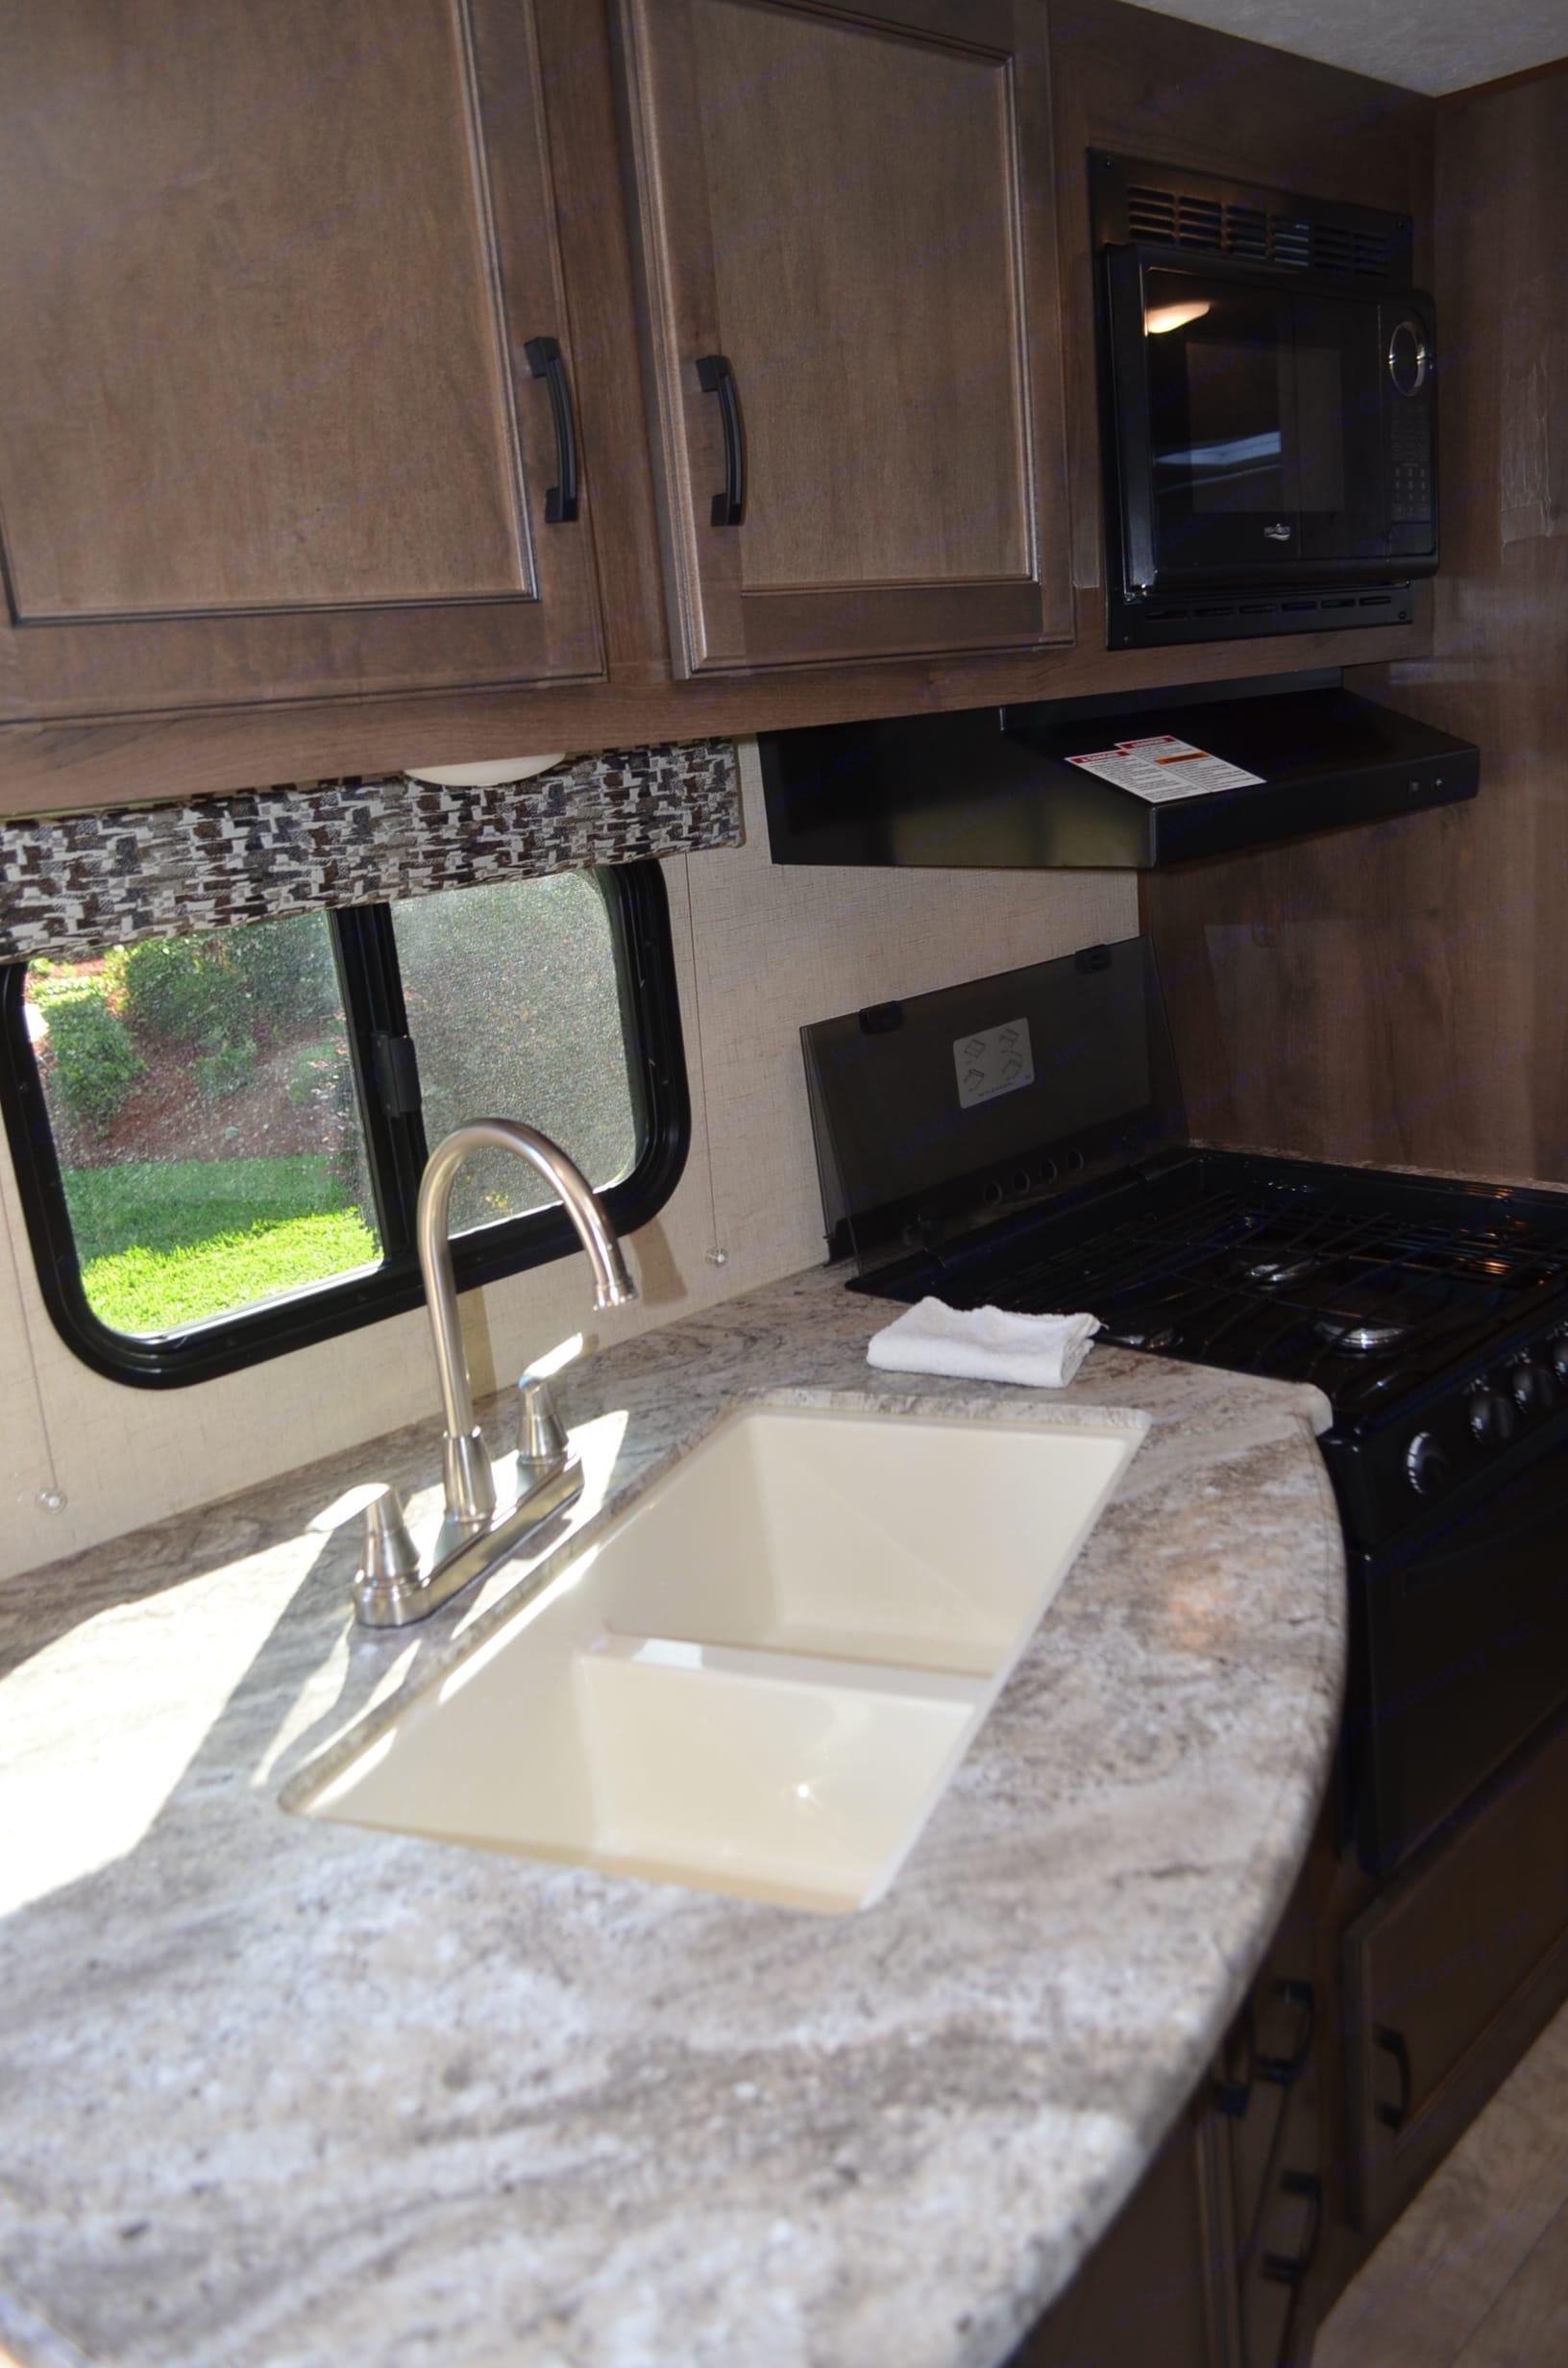 Kitchen sink. K-Z Manufacturing Other 2017